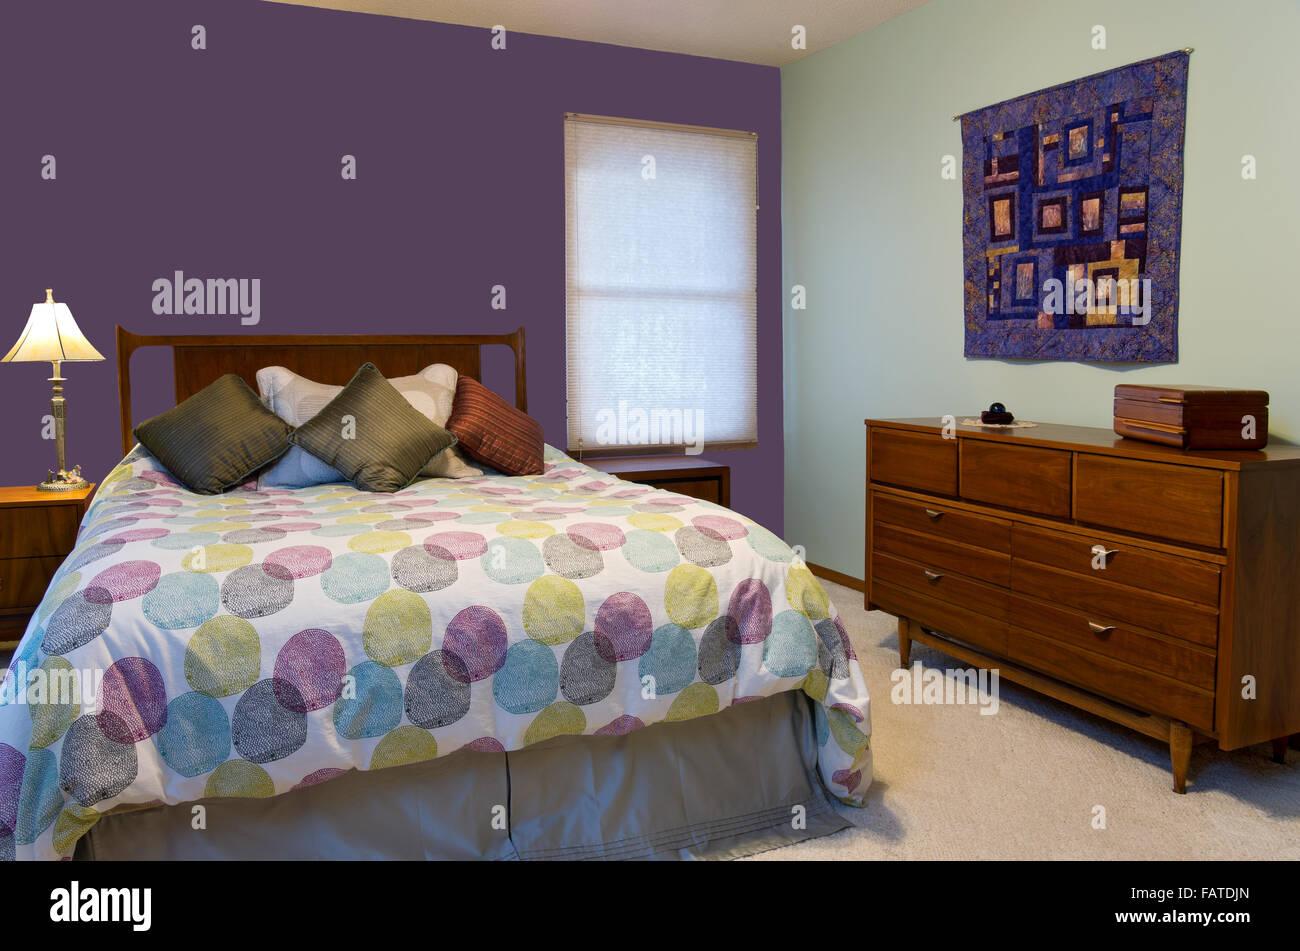 Queen Bed Sheets Stockfotos U0026 Queen Bed Sheets Bilder   Alamy